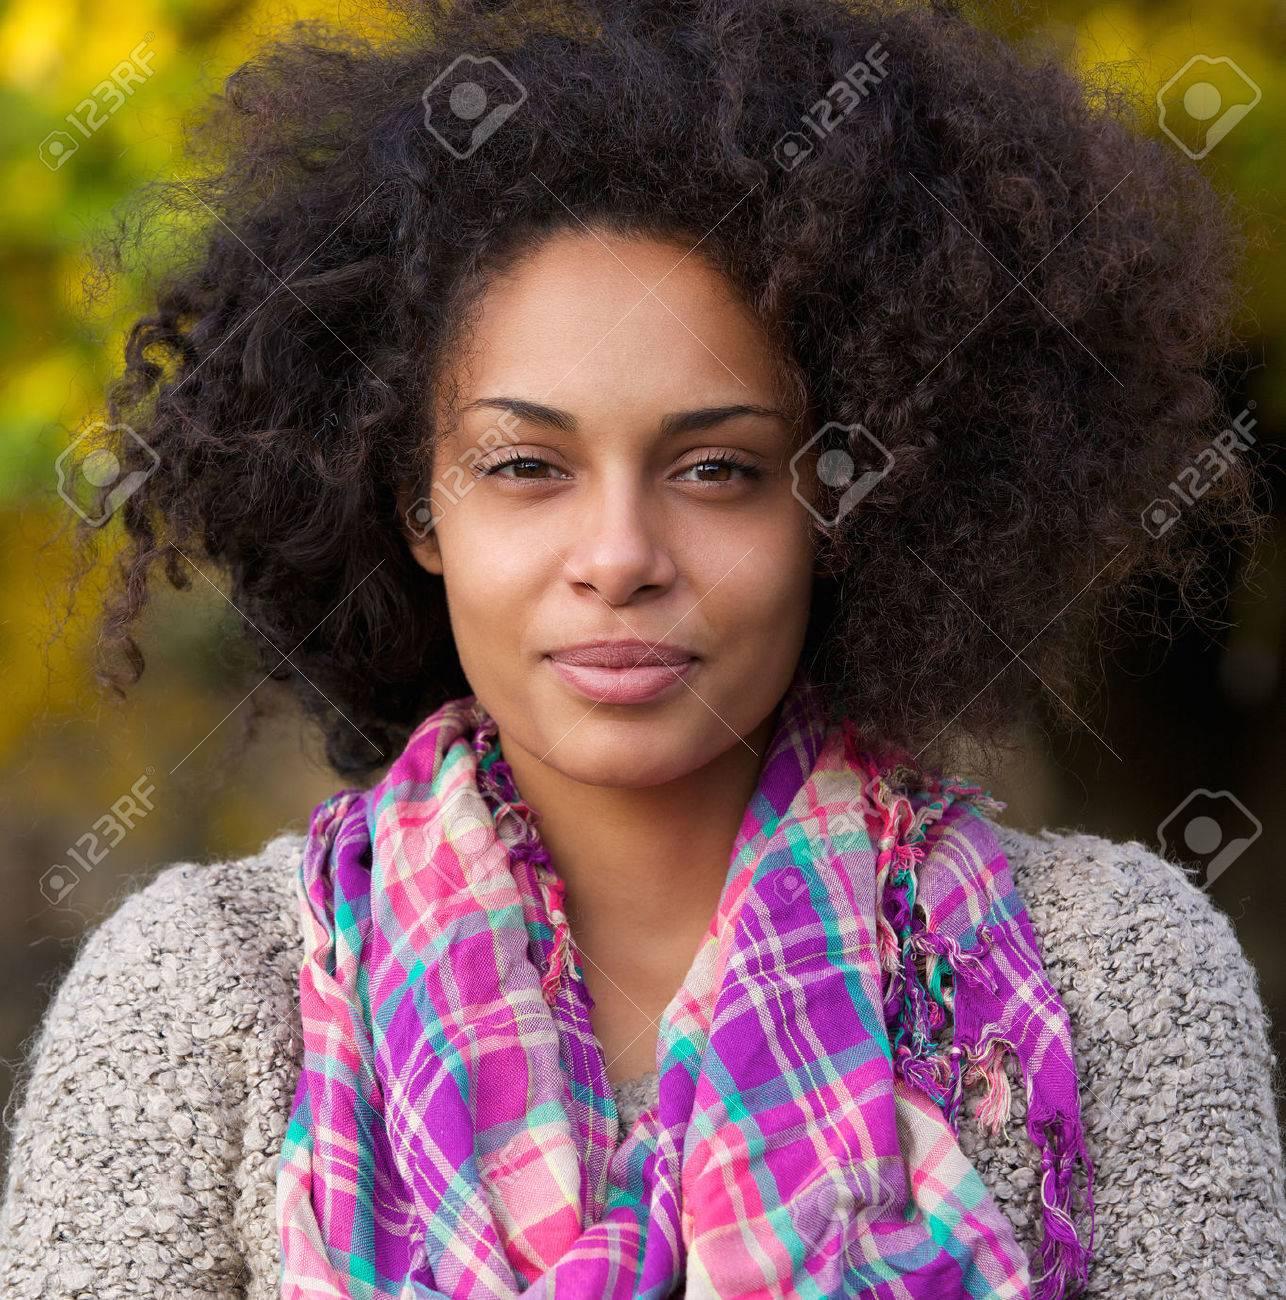 Belle Fille Metisse close up portrait d'une belle jeune femme métisse banque d'images et